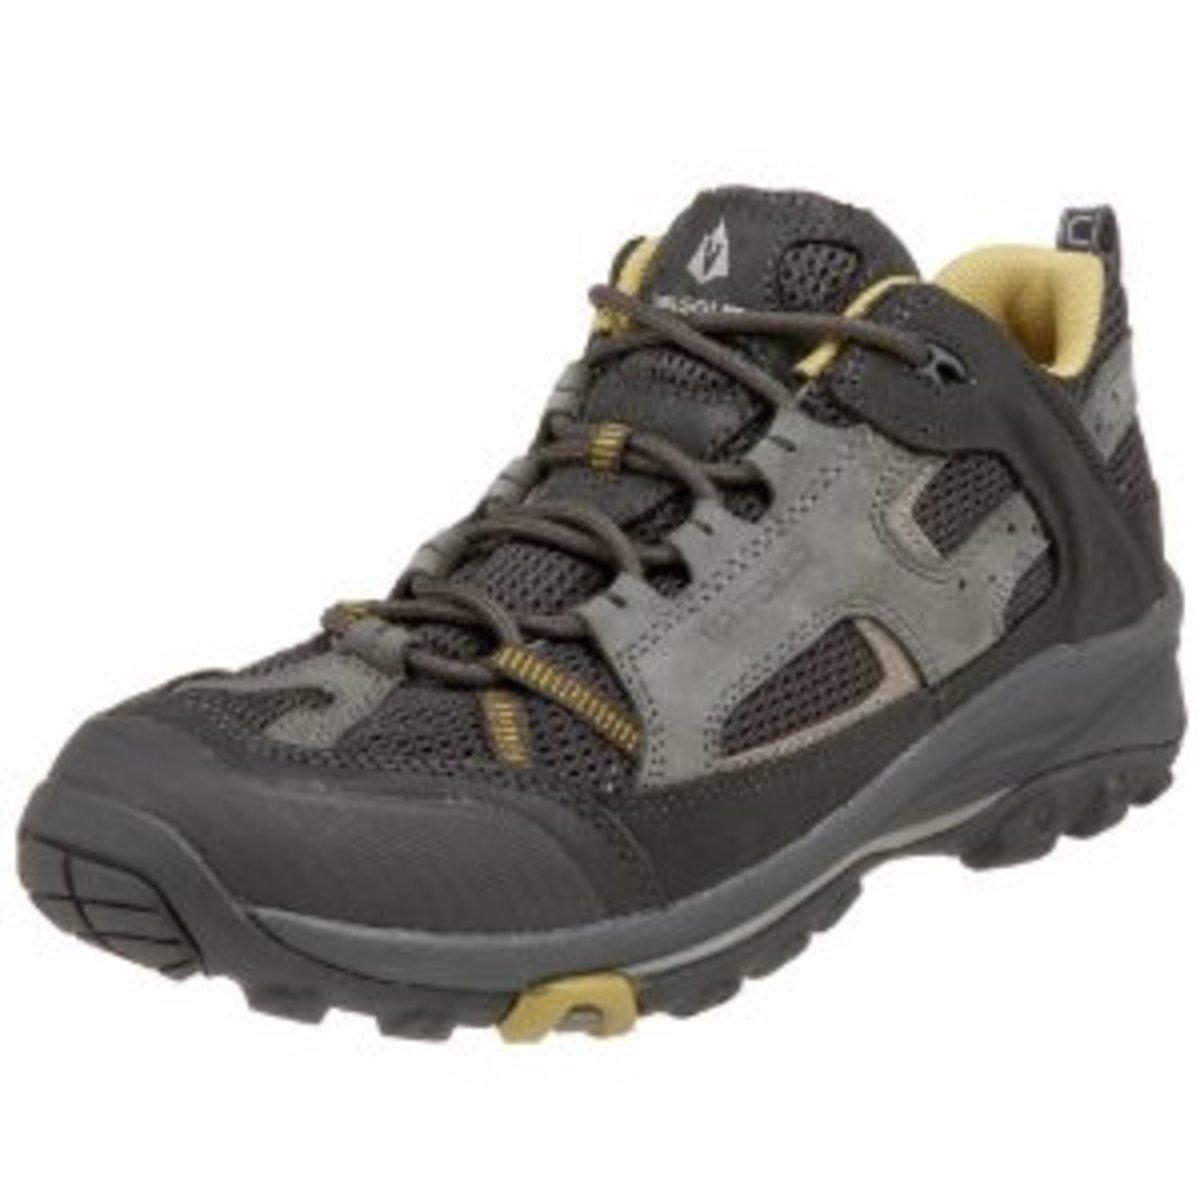 Vasque Men's Breeze Low VST Light Hiking Shoe